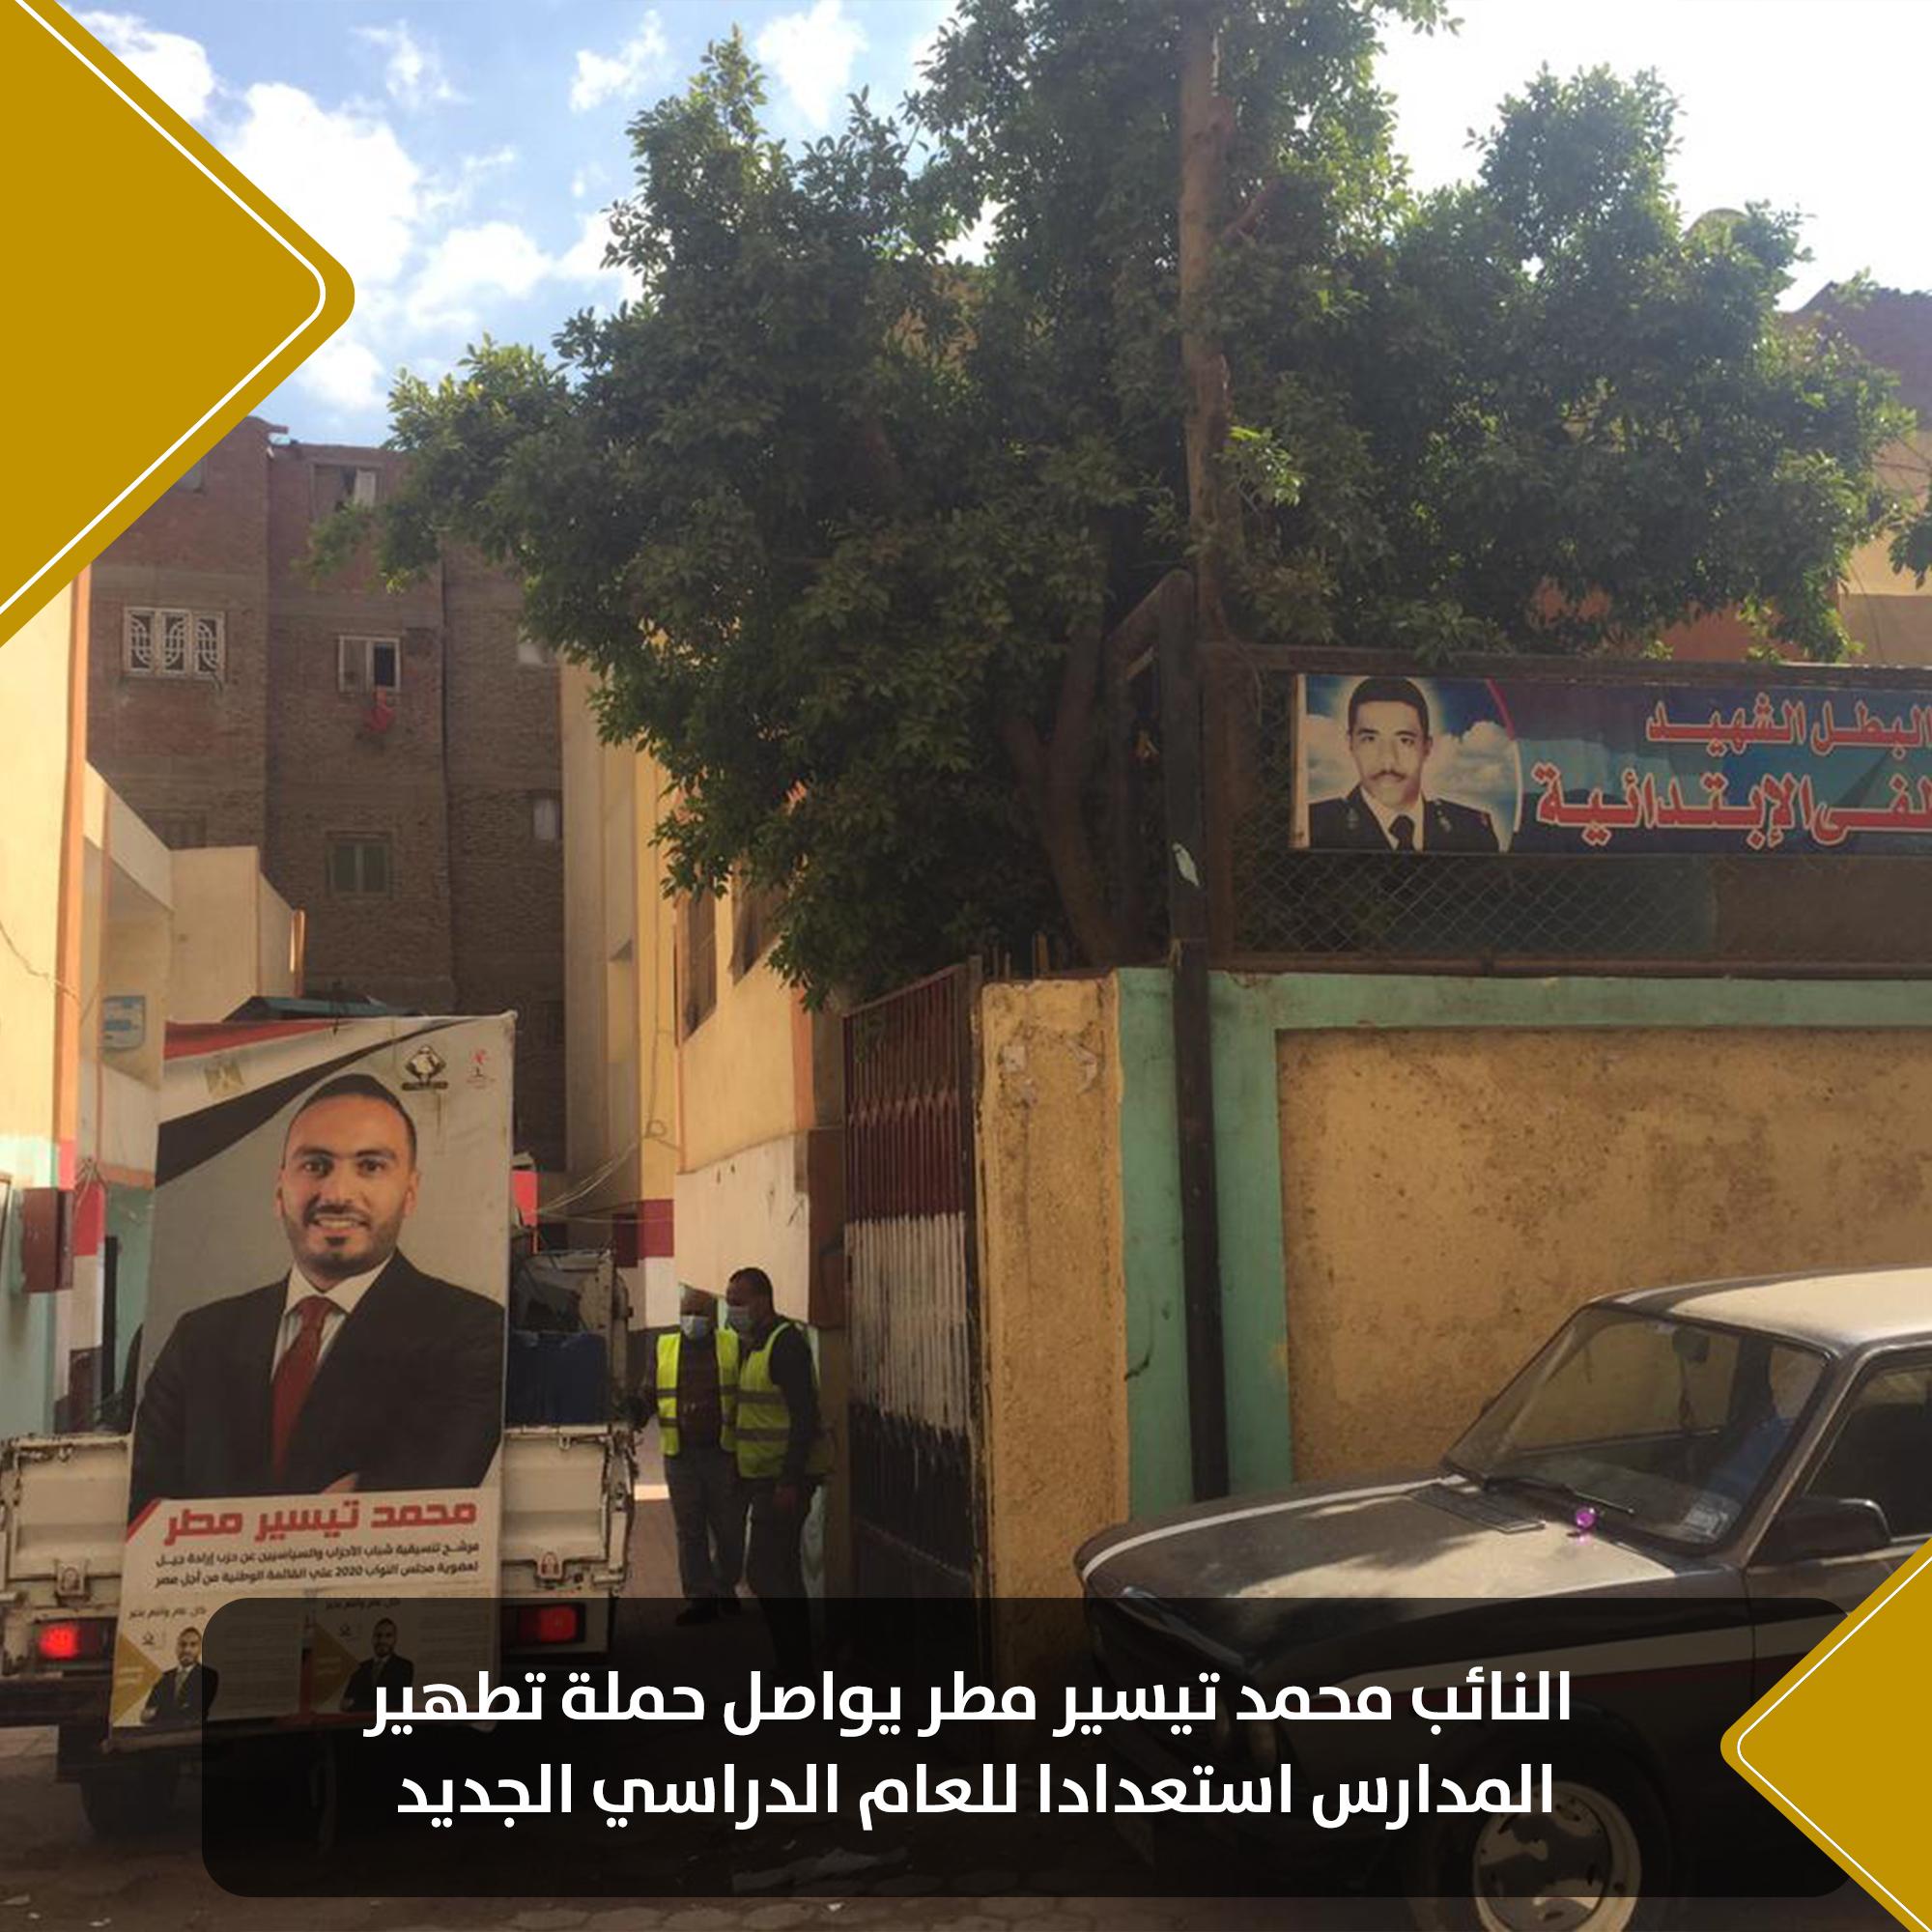 النائب محمد تيسير مطر يواصل حملة تطهير المدارسس (21)